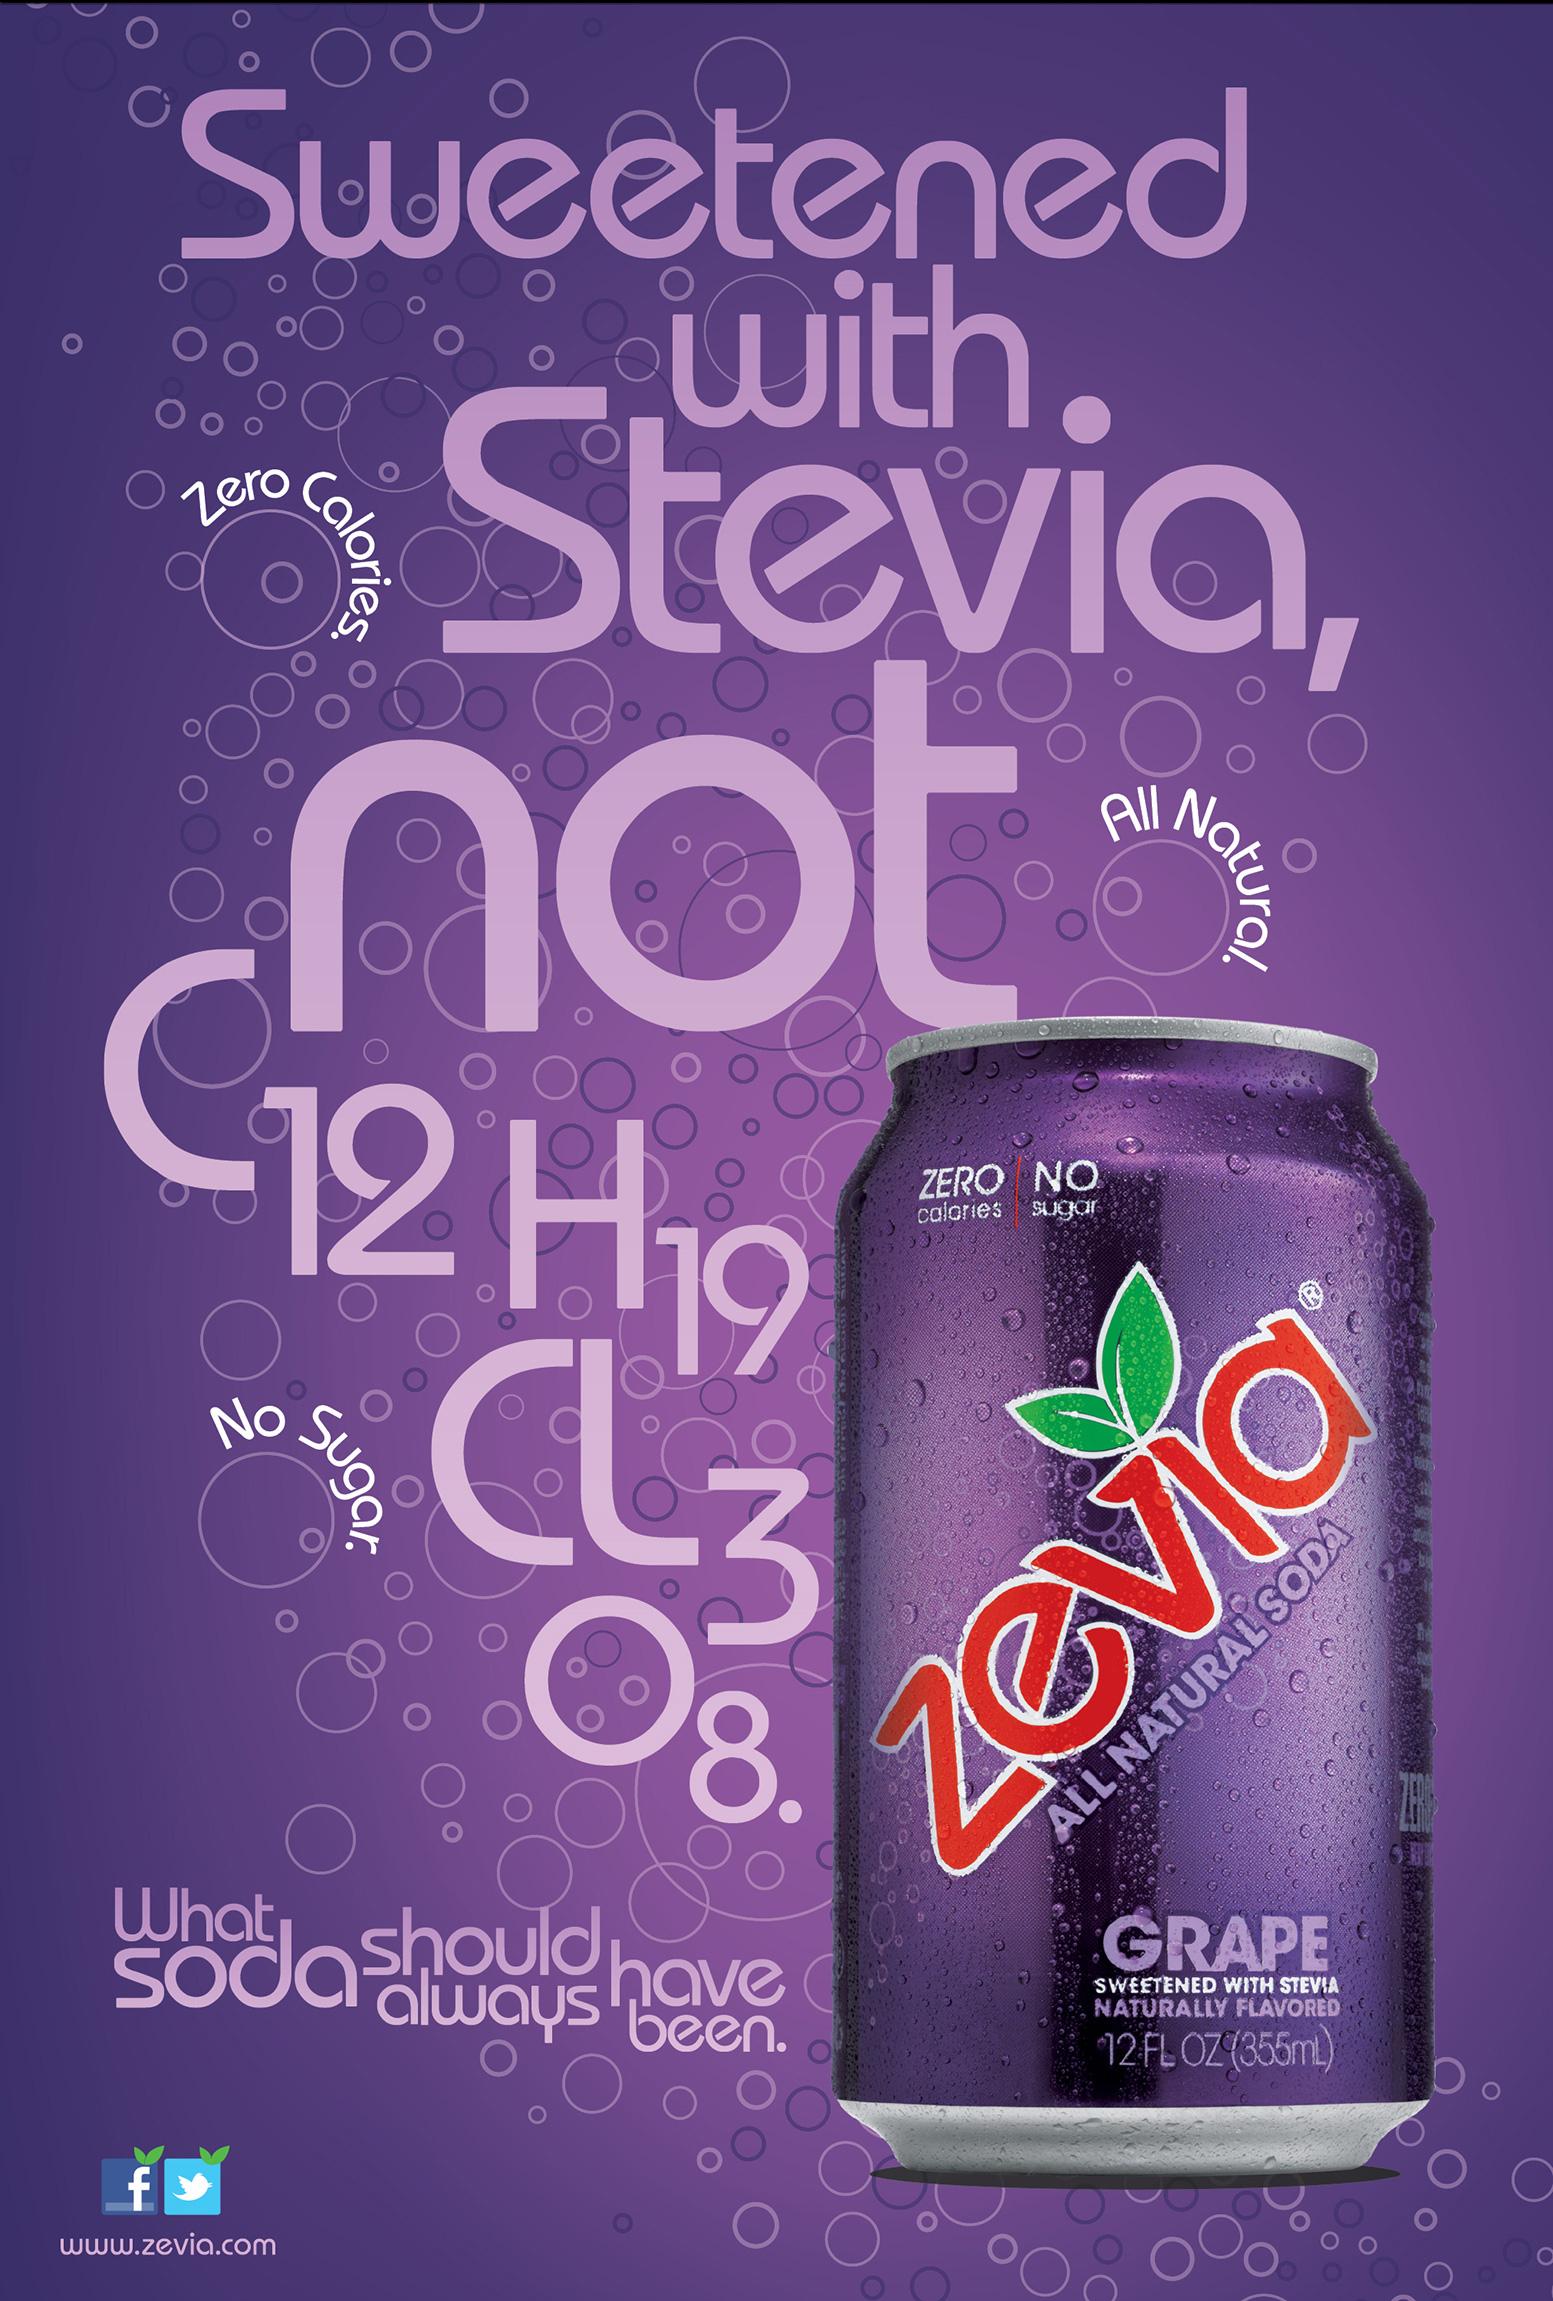 Zevia-Book-ads3.jpg